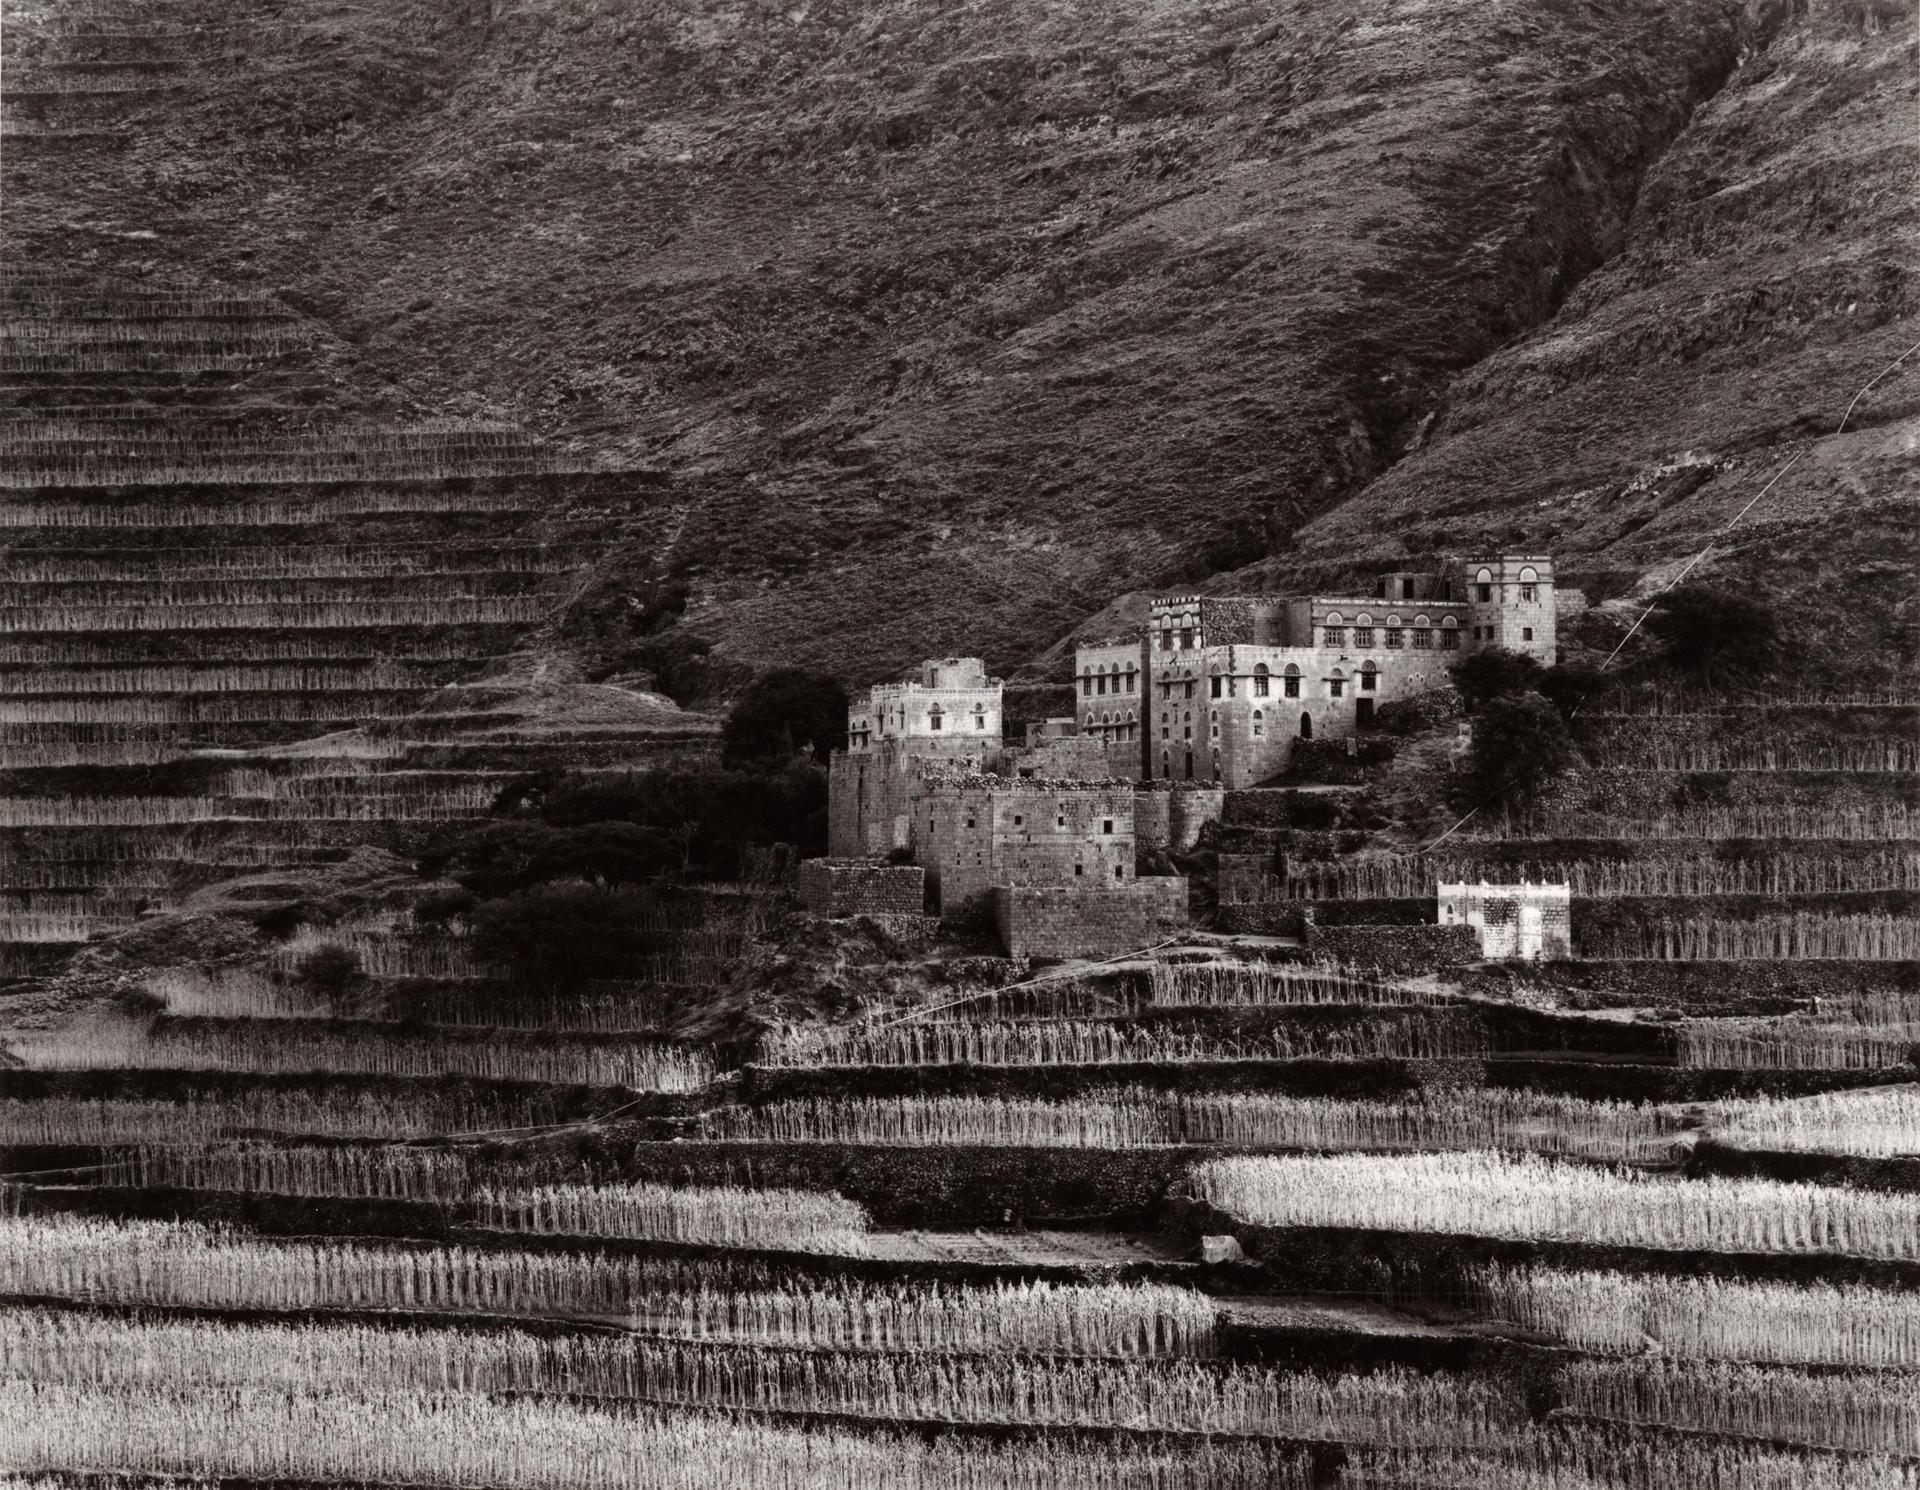 Yemen1_300ppi.jpg